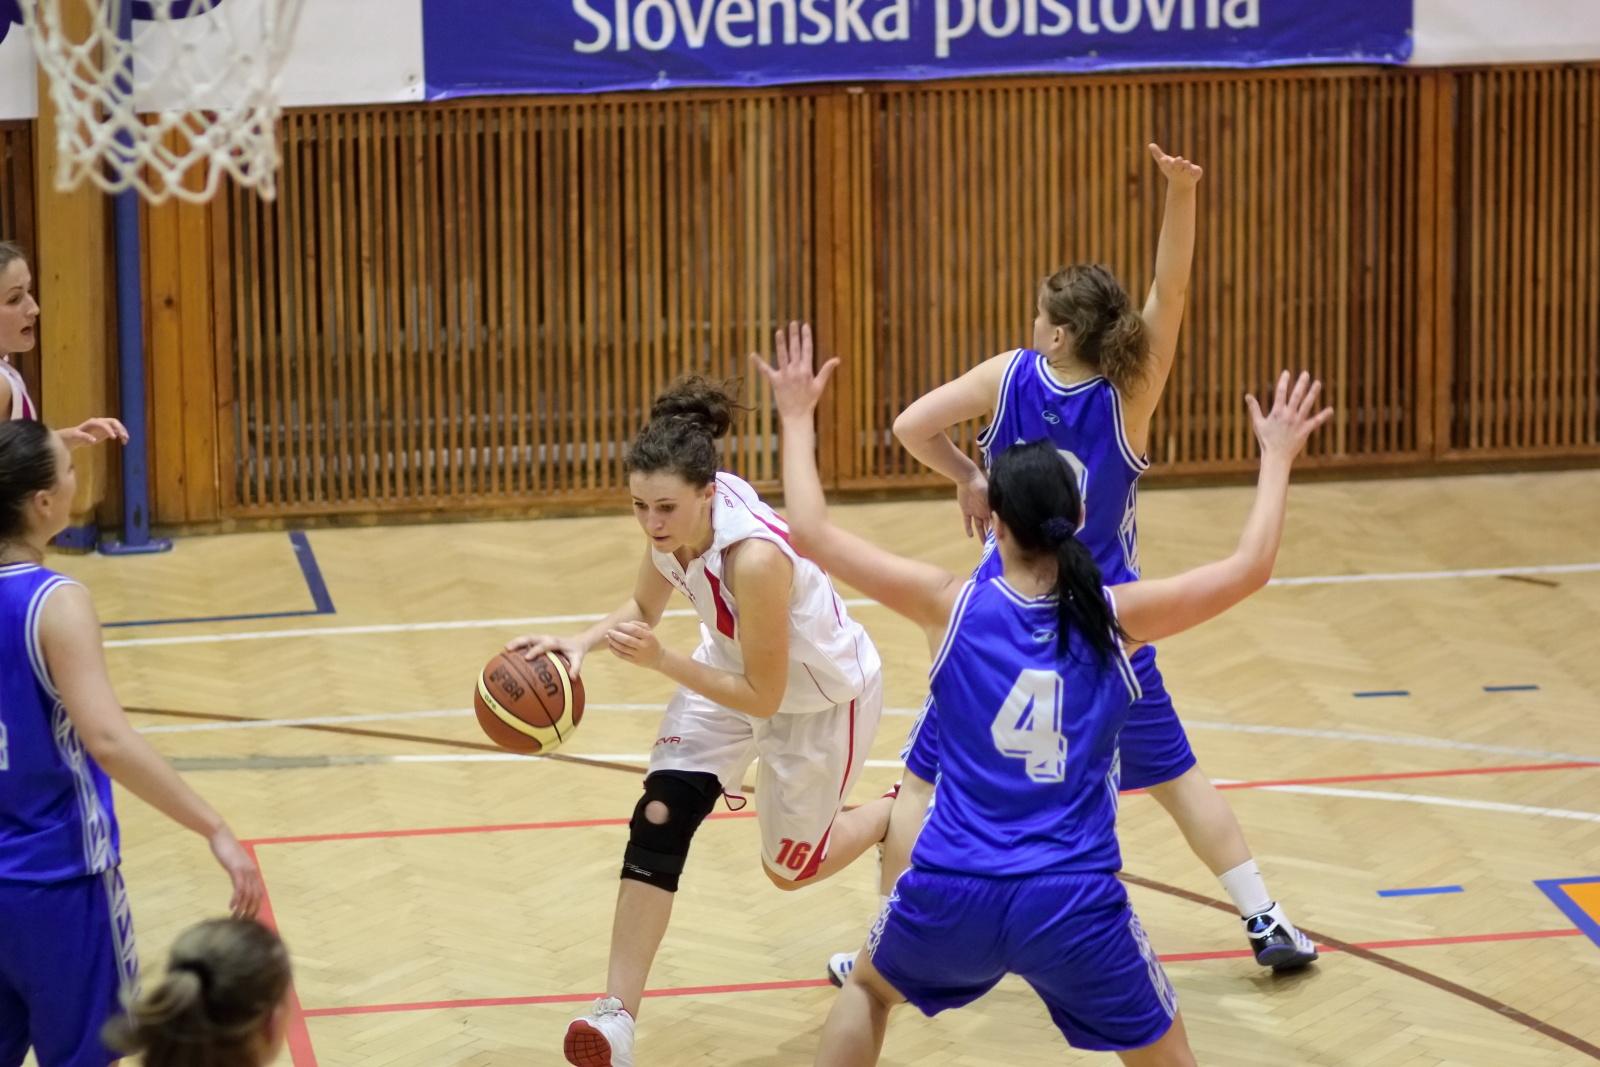 bk-zvolen-eilat-presov-basketbal-sp-zeny-16